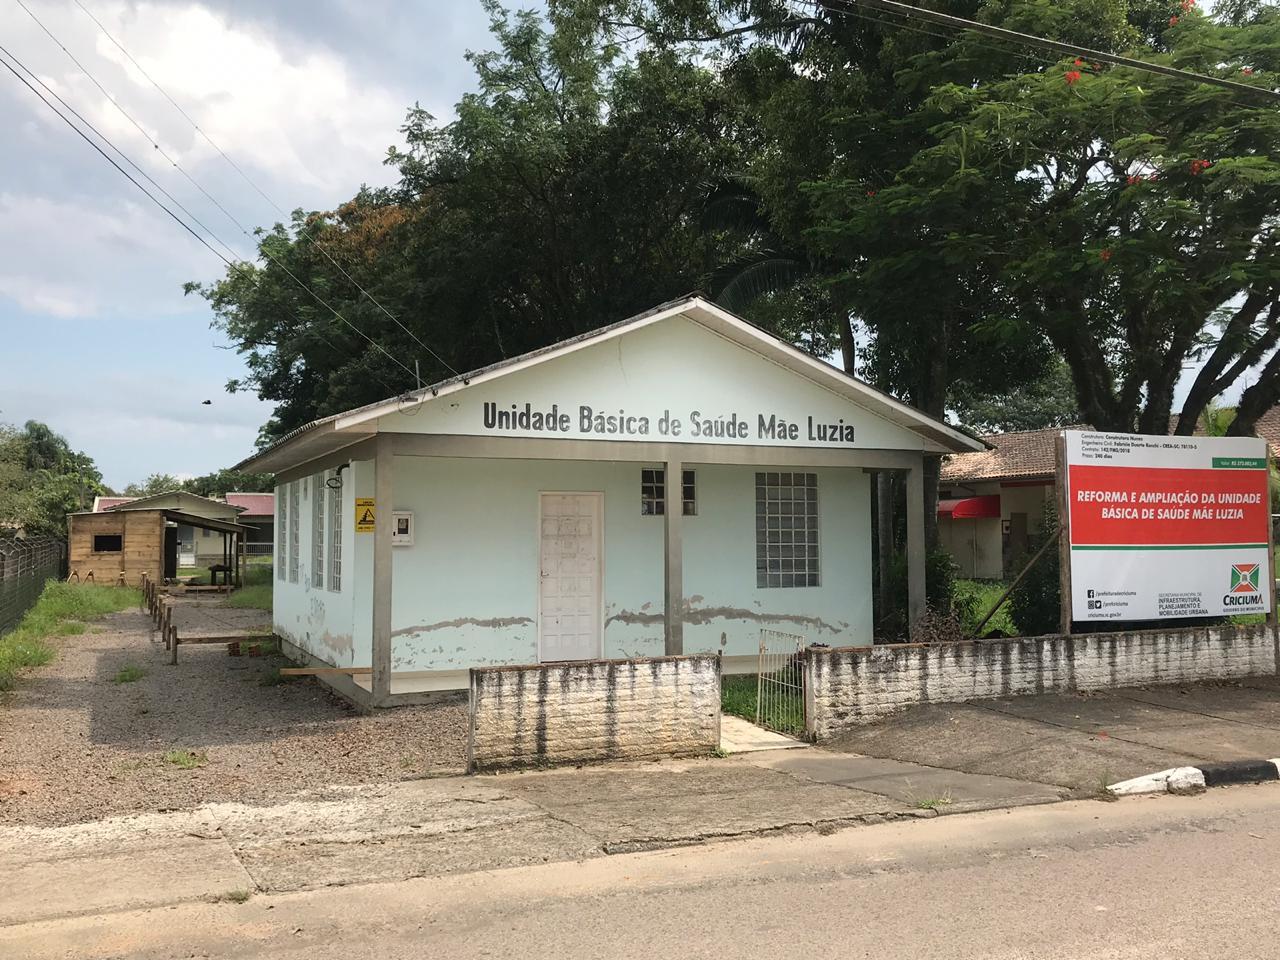 Prefeitura Municipal de Criciúma - Prefeitura inicia obras de reforma e ampliação da UBS Mãe Luzia